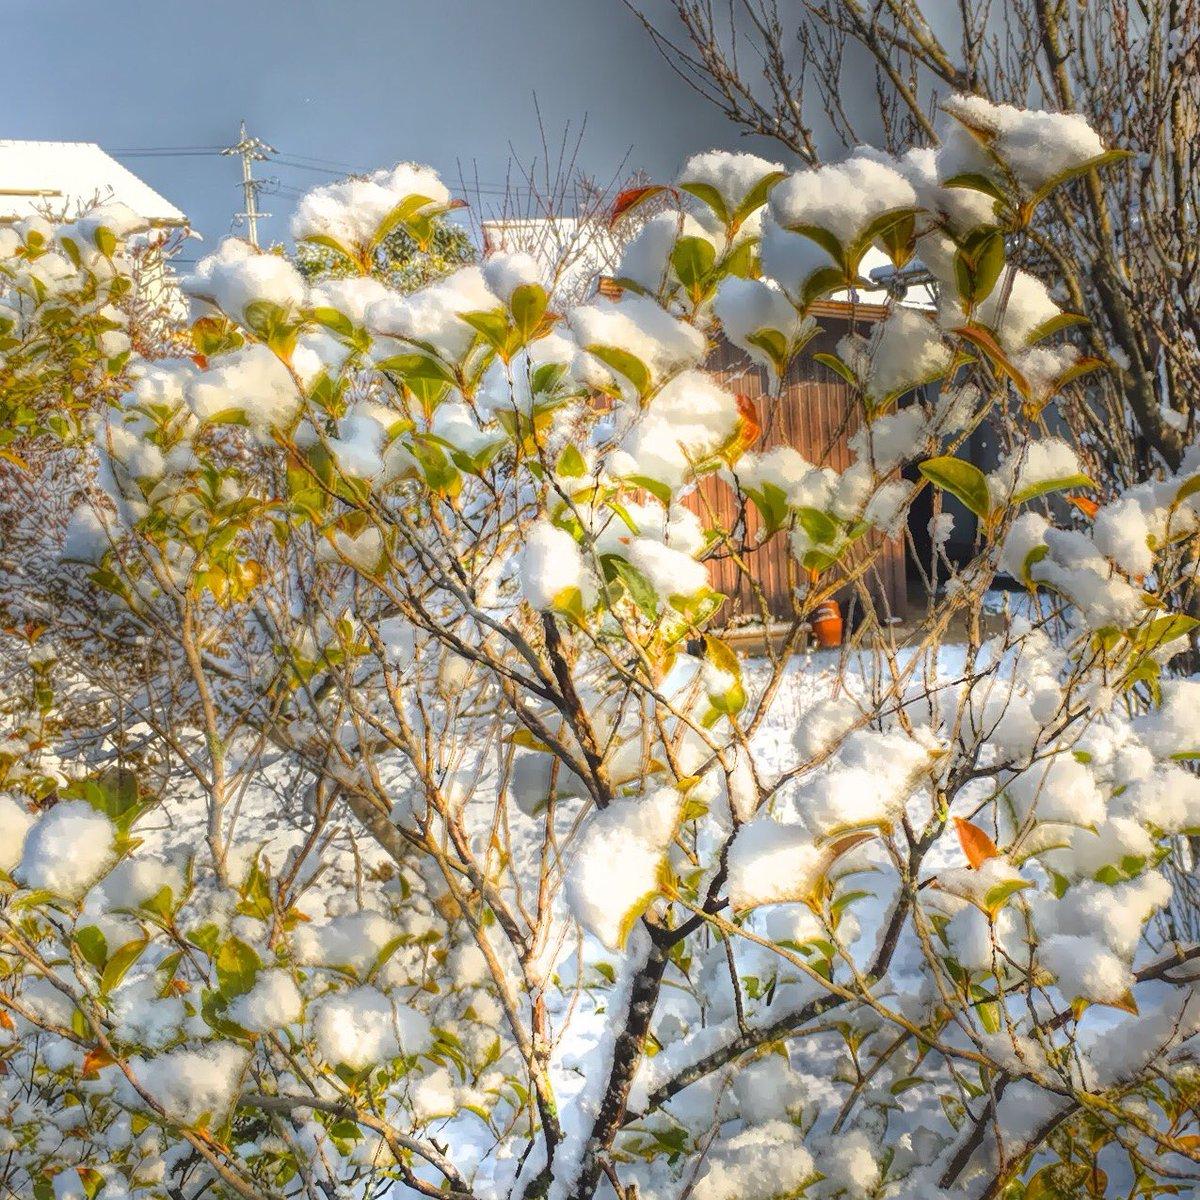 おはようございます( ´ ▽ ` )ノ皆様、雪の花咲く山陰地方です https://t.co/K0Wx0XniOh